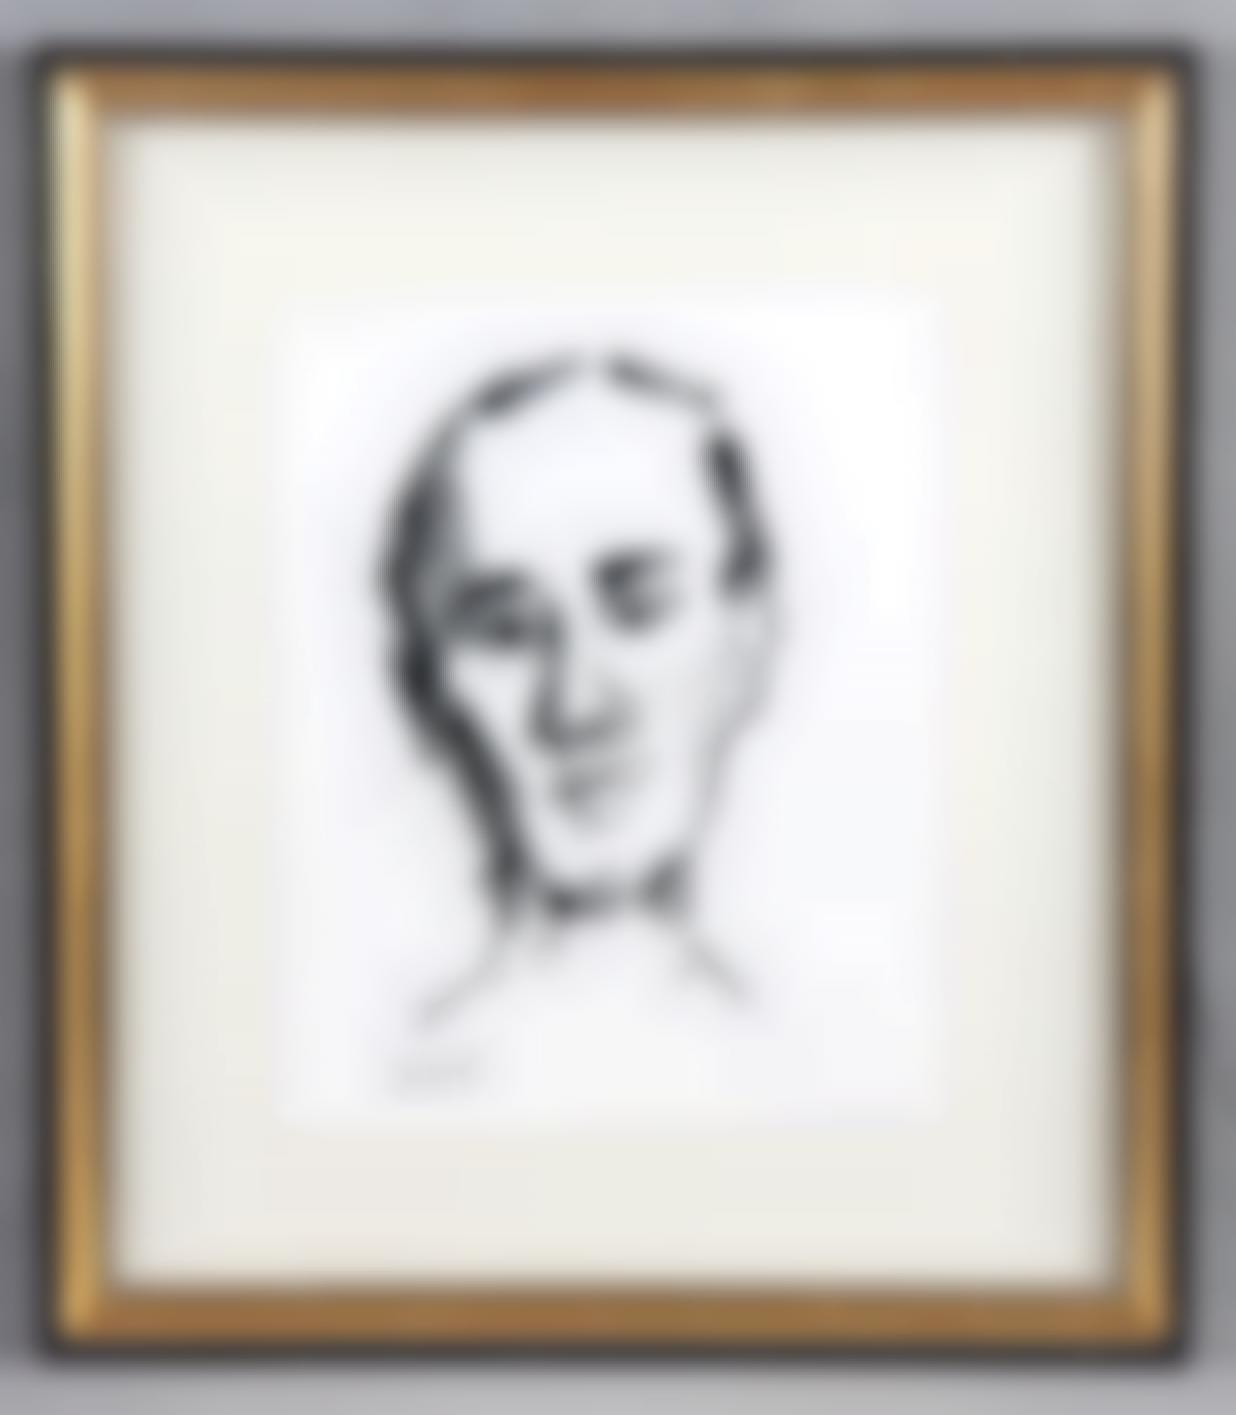 Gonzalez De La Serna, Ismael - Head of young-